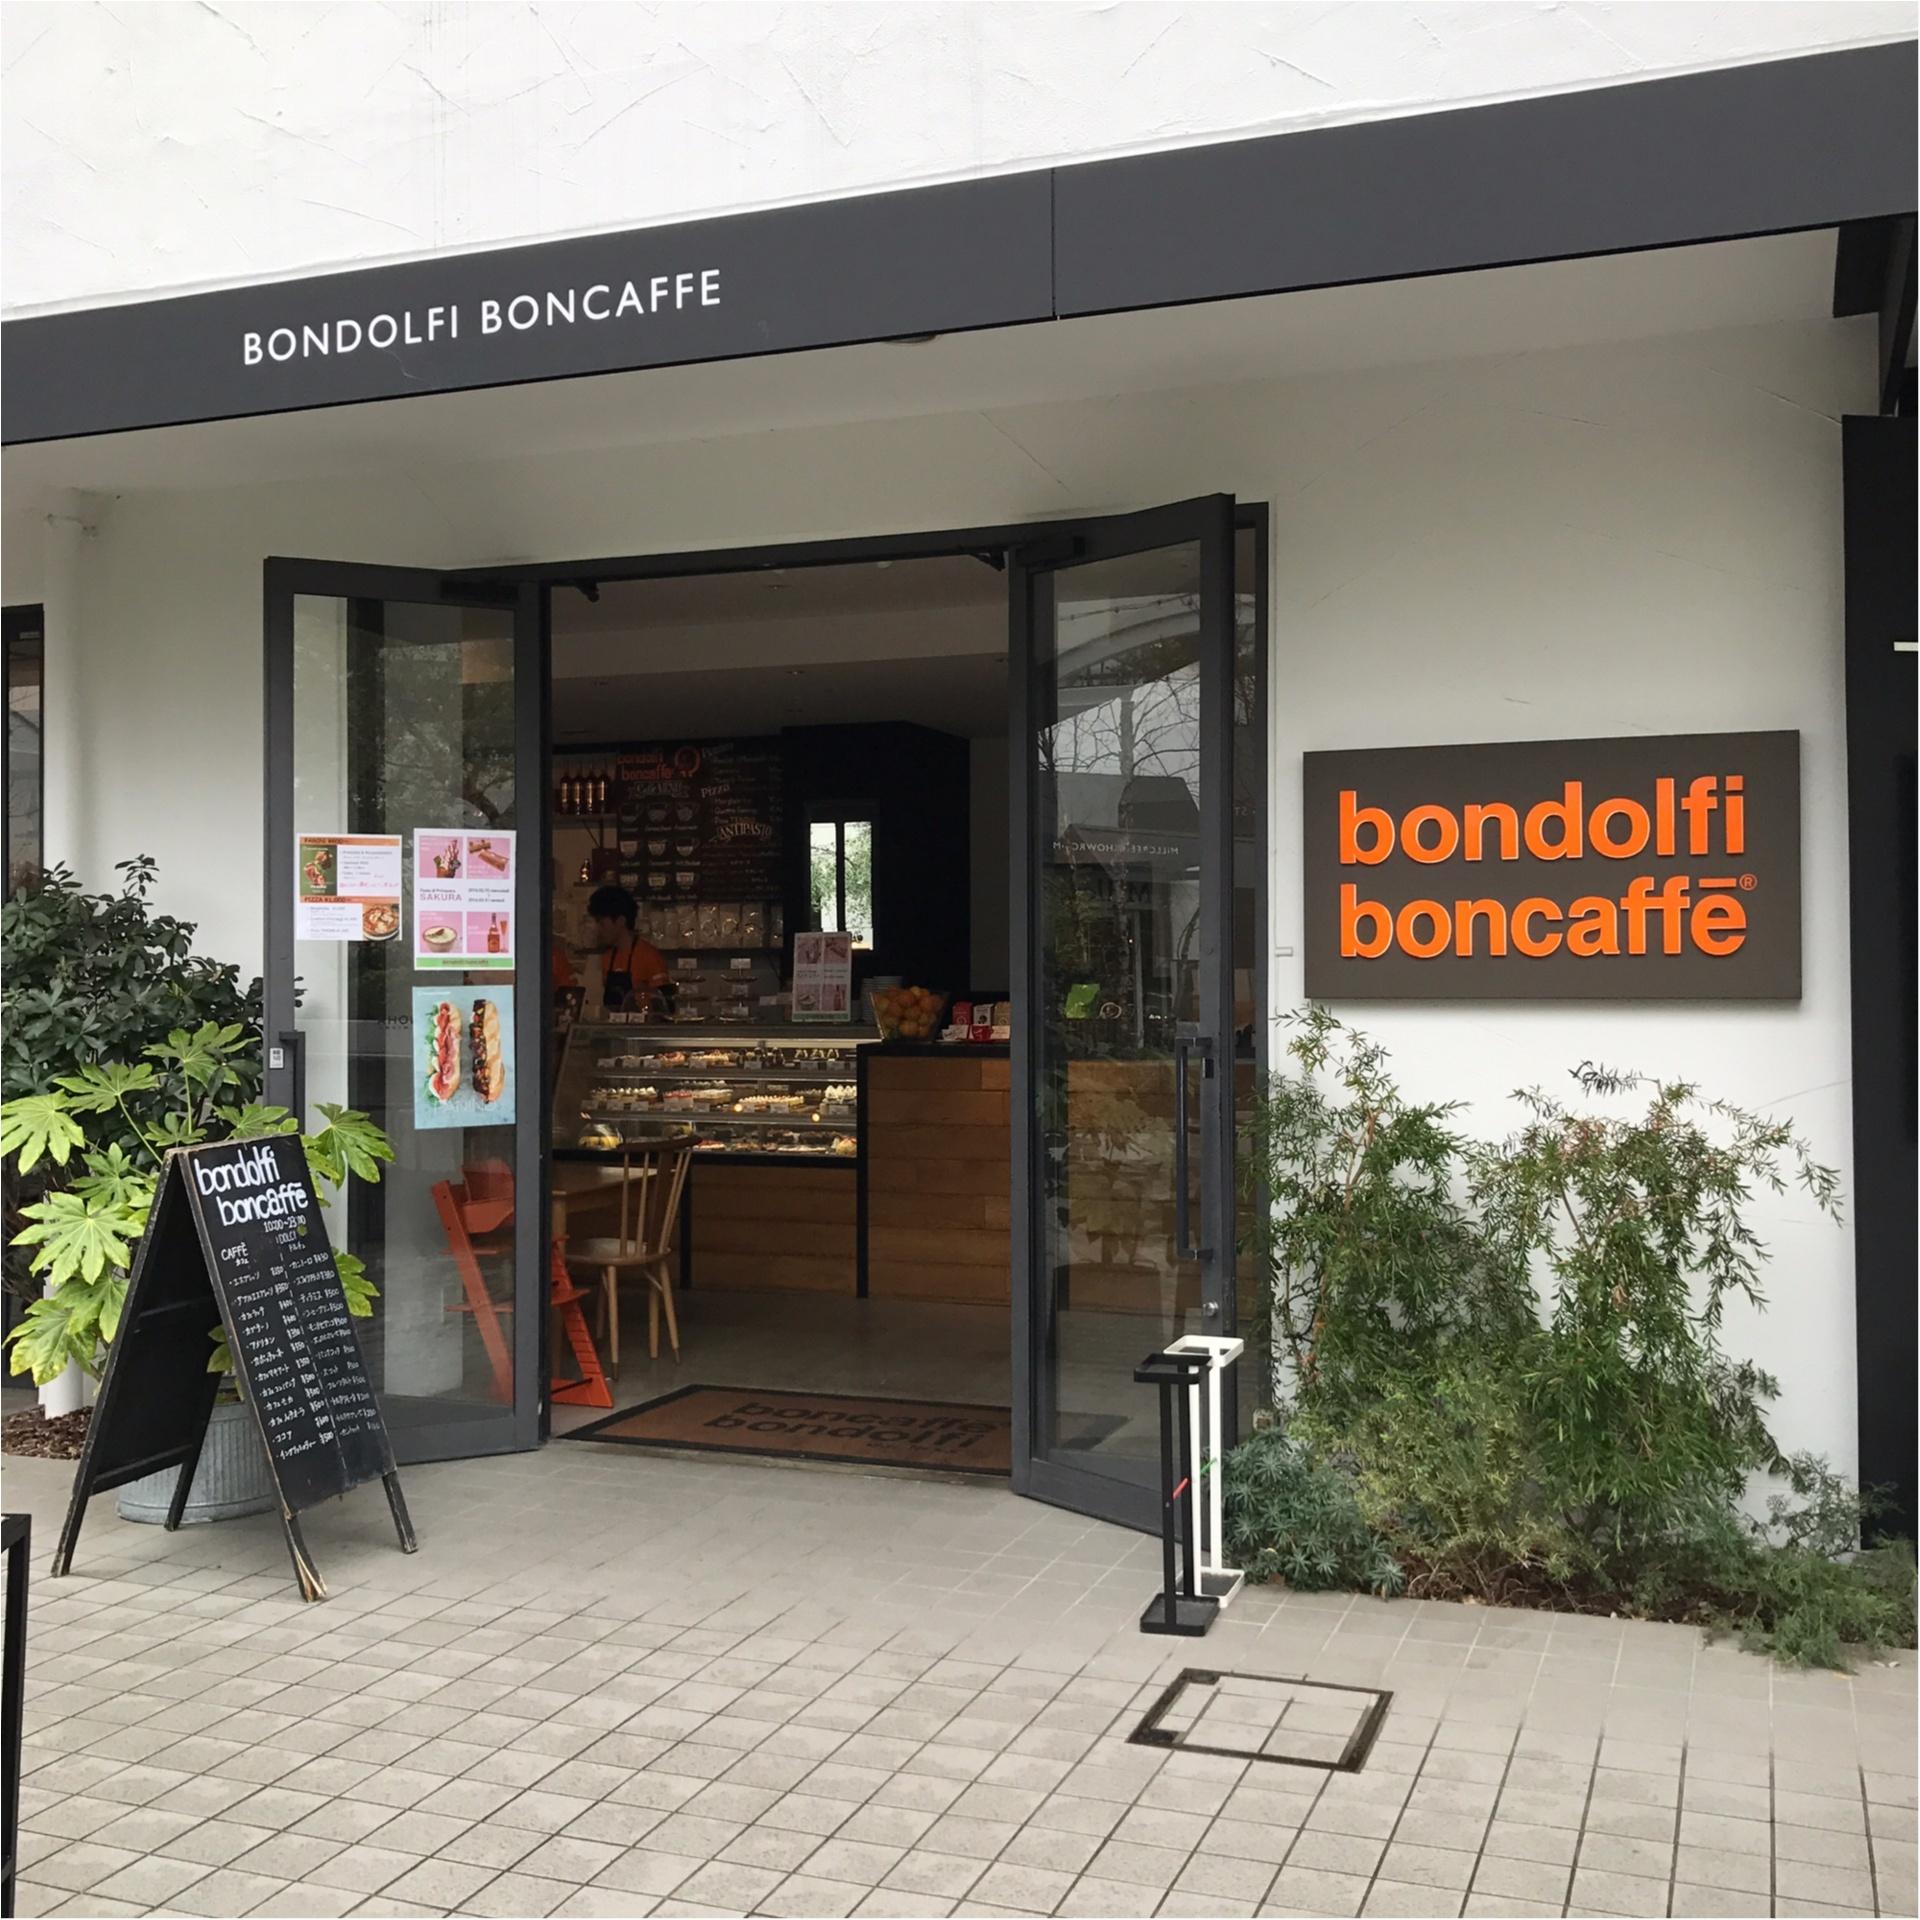 ★この時期オススメ、桜スイーツ♡ピンクな見た目がCUTEなソフトクリームは『bondolfi boncaffe』で楽しみましょう★_1